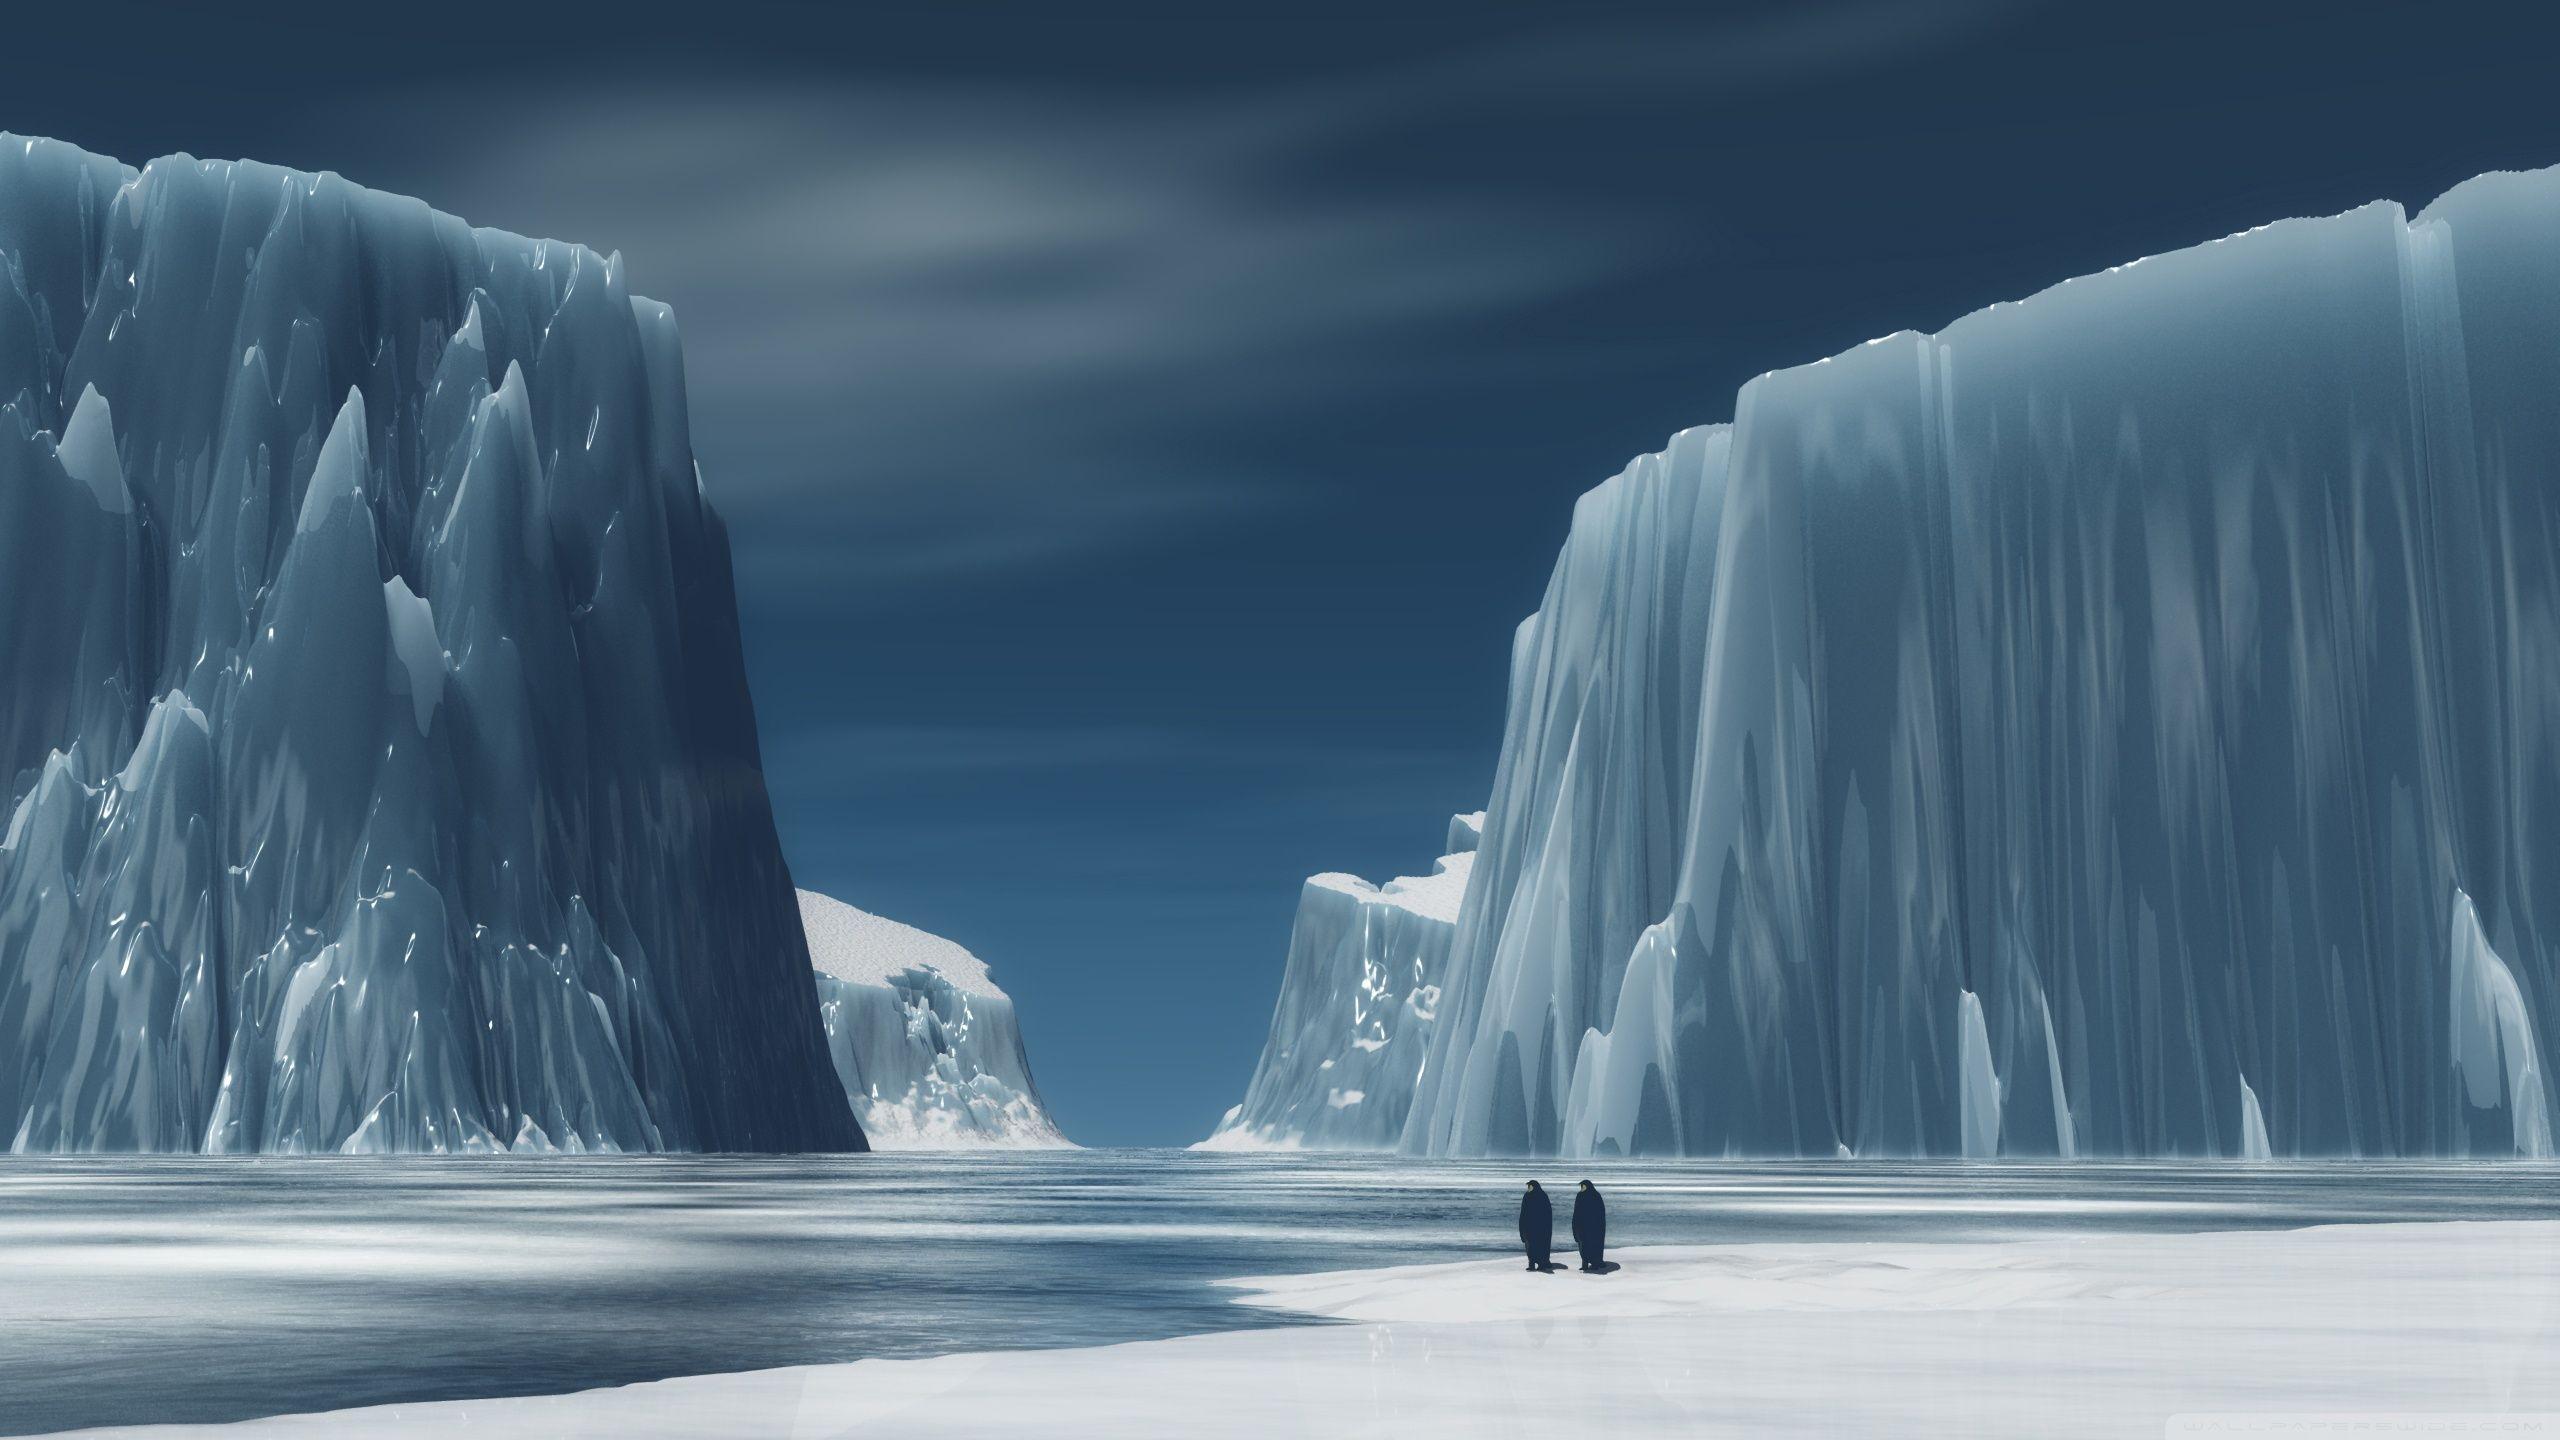 Antarctica Wallpaper for Desktop | PixelsTalk.Net